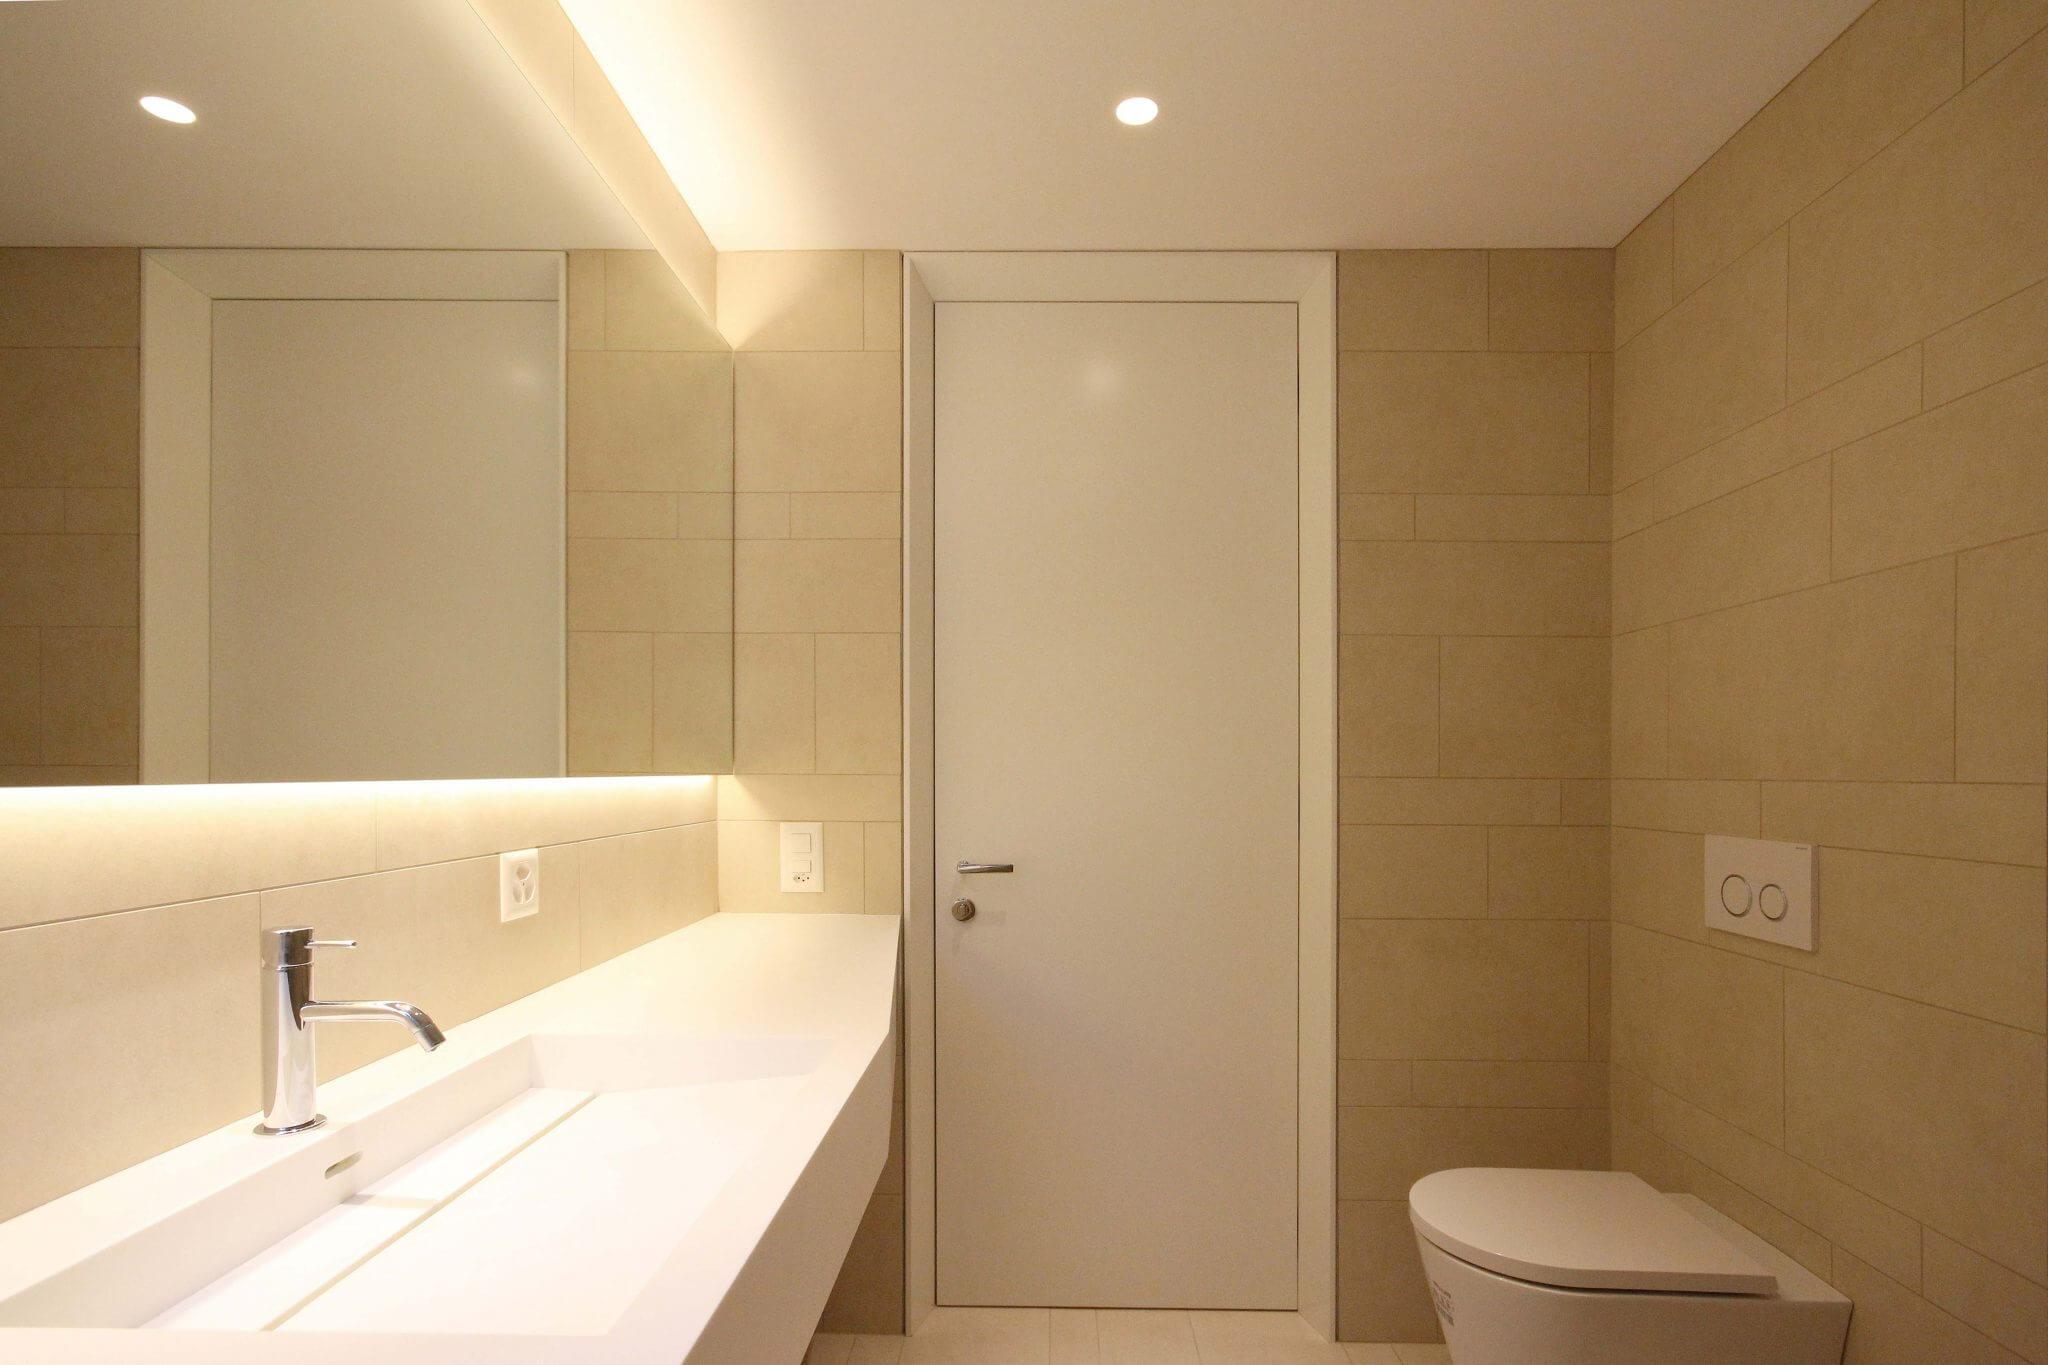 Thiết kế phòng tắm cho nhà đẹp